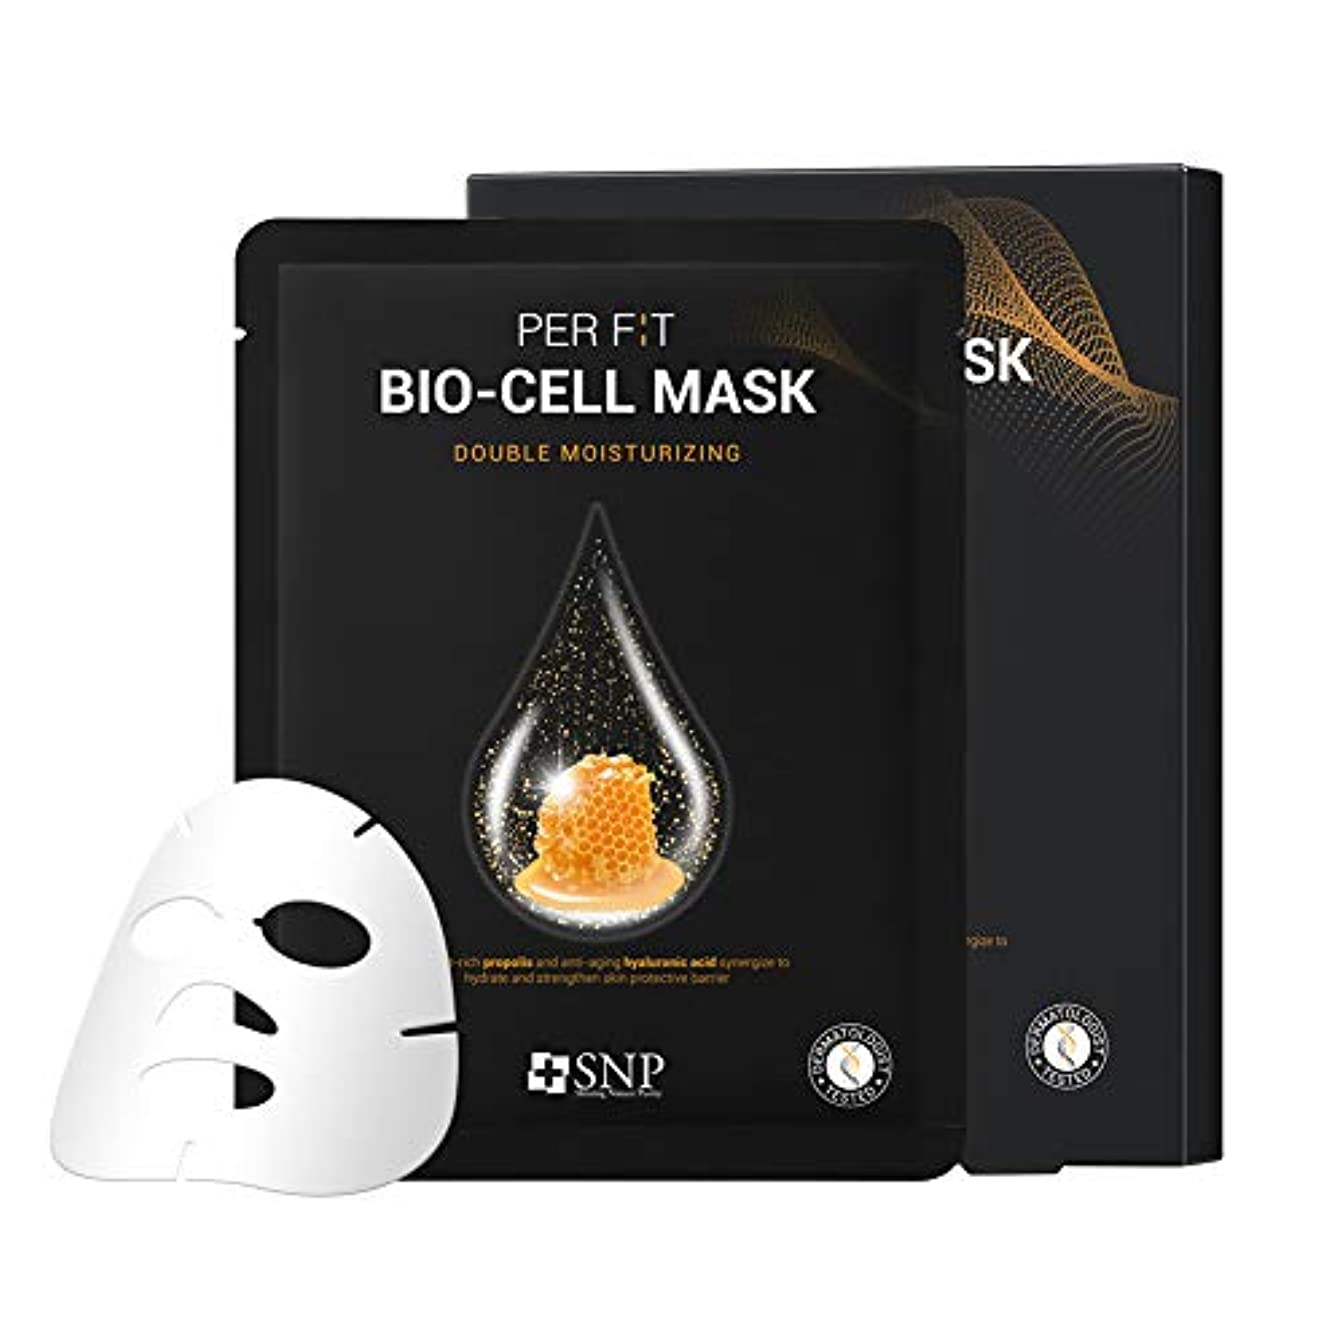 乳白事前に以内に【SNP公式】パーフィット バイオセルマスク ダブルモイスチャライジング 5枚セット / F:T BIO-CELL MASK DOUBLE MOISTURIZING 韓国パック 韓国コスメ パック マスクパック シートマスク 高機能